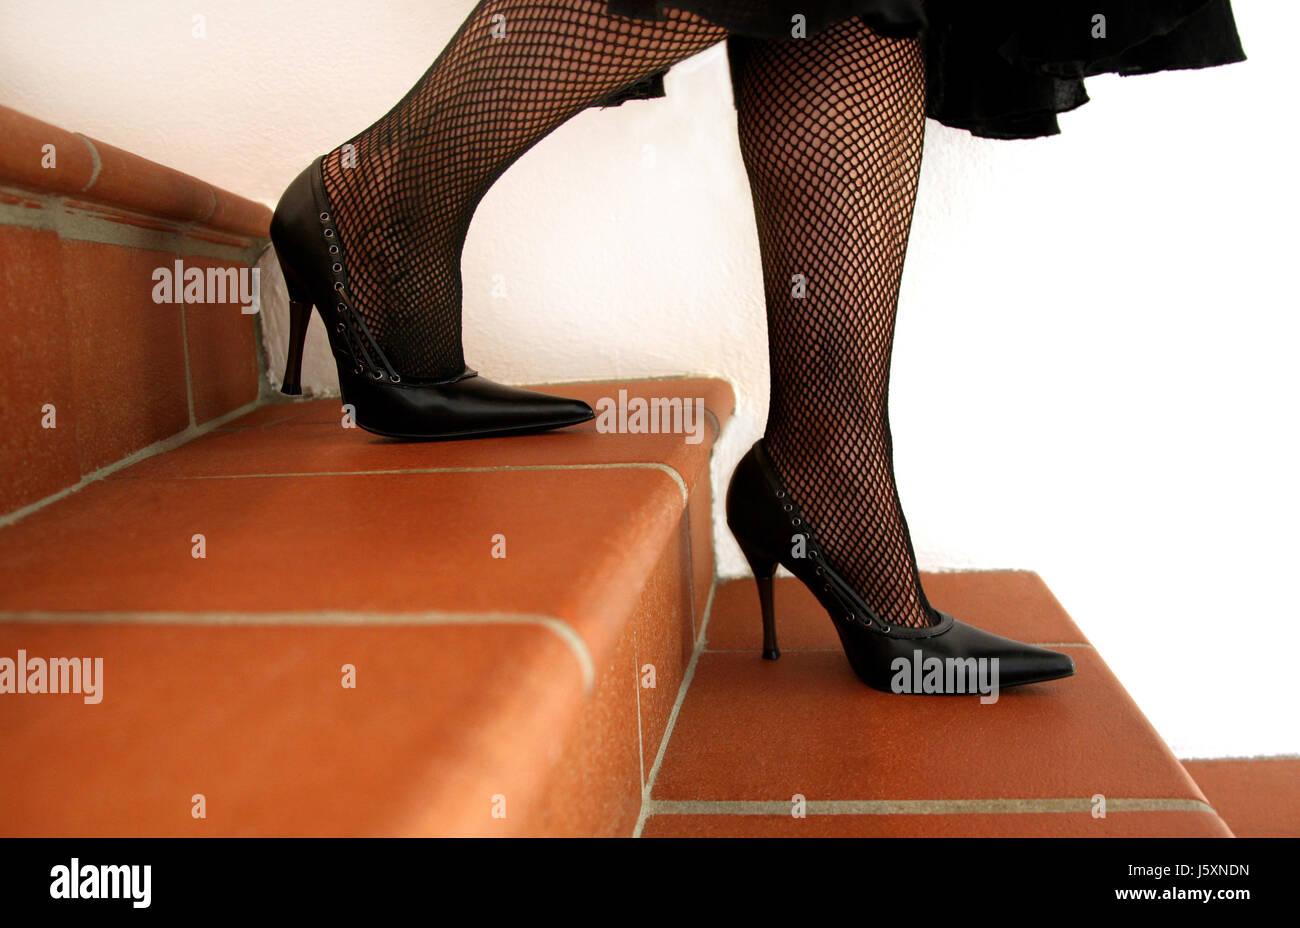 Piernas Mujer Pasos Escaleras Zapatos Tacones IE9eWD2YH